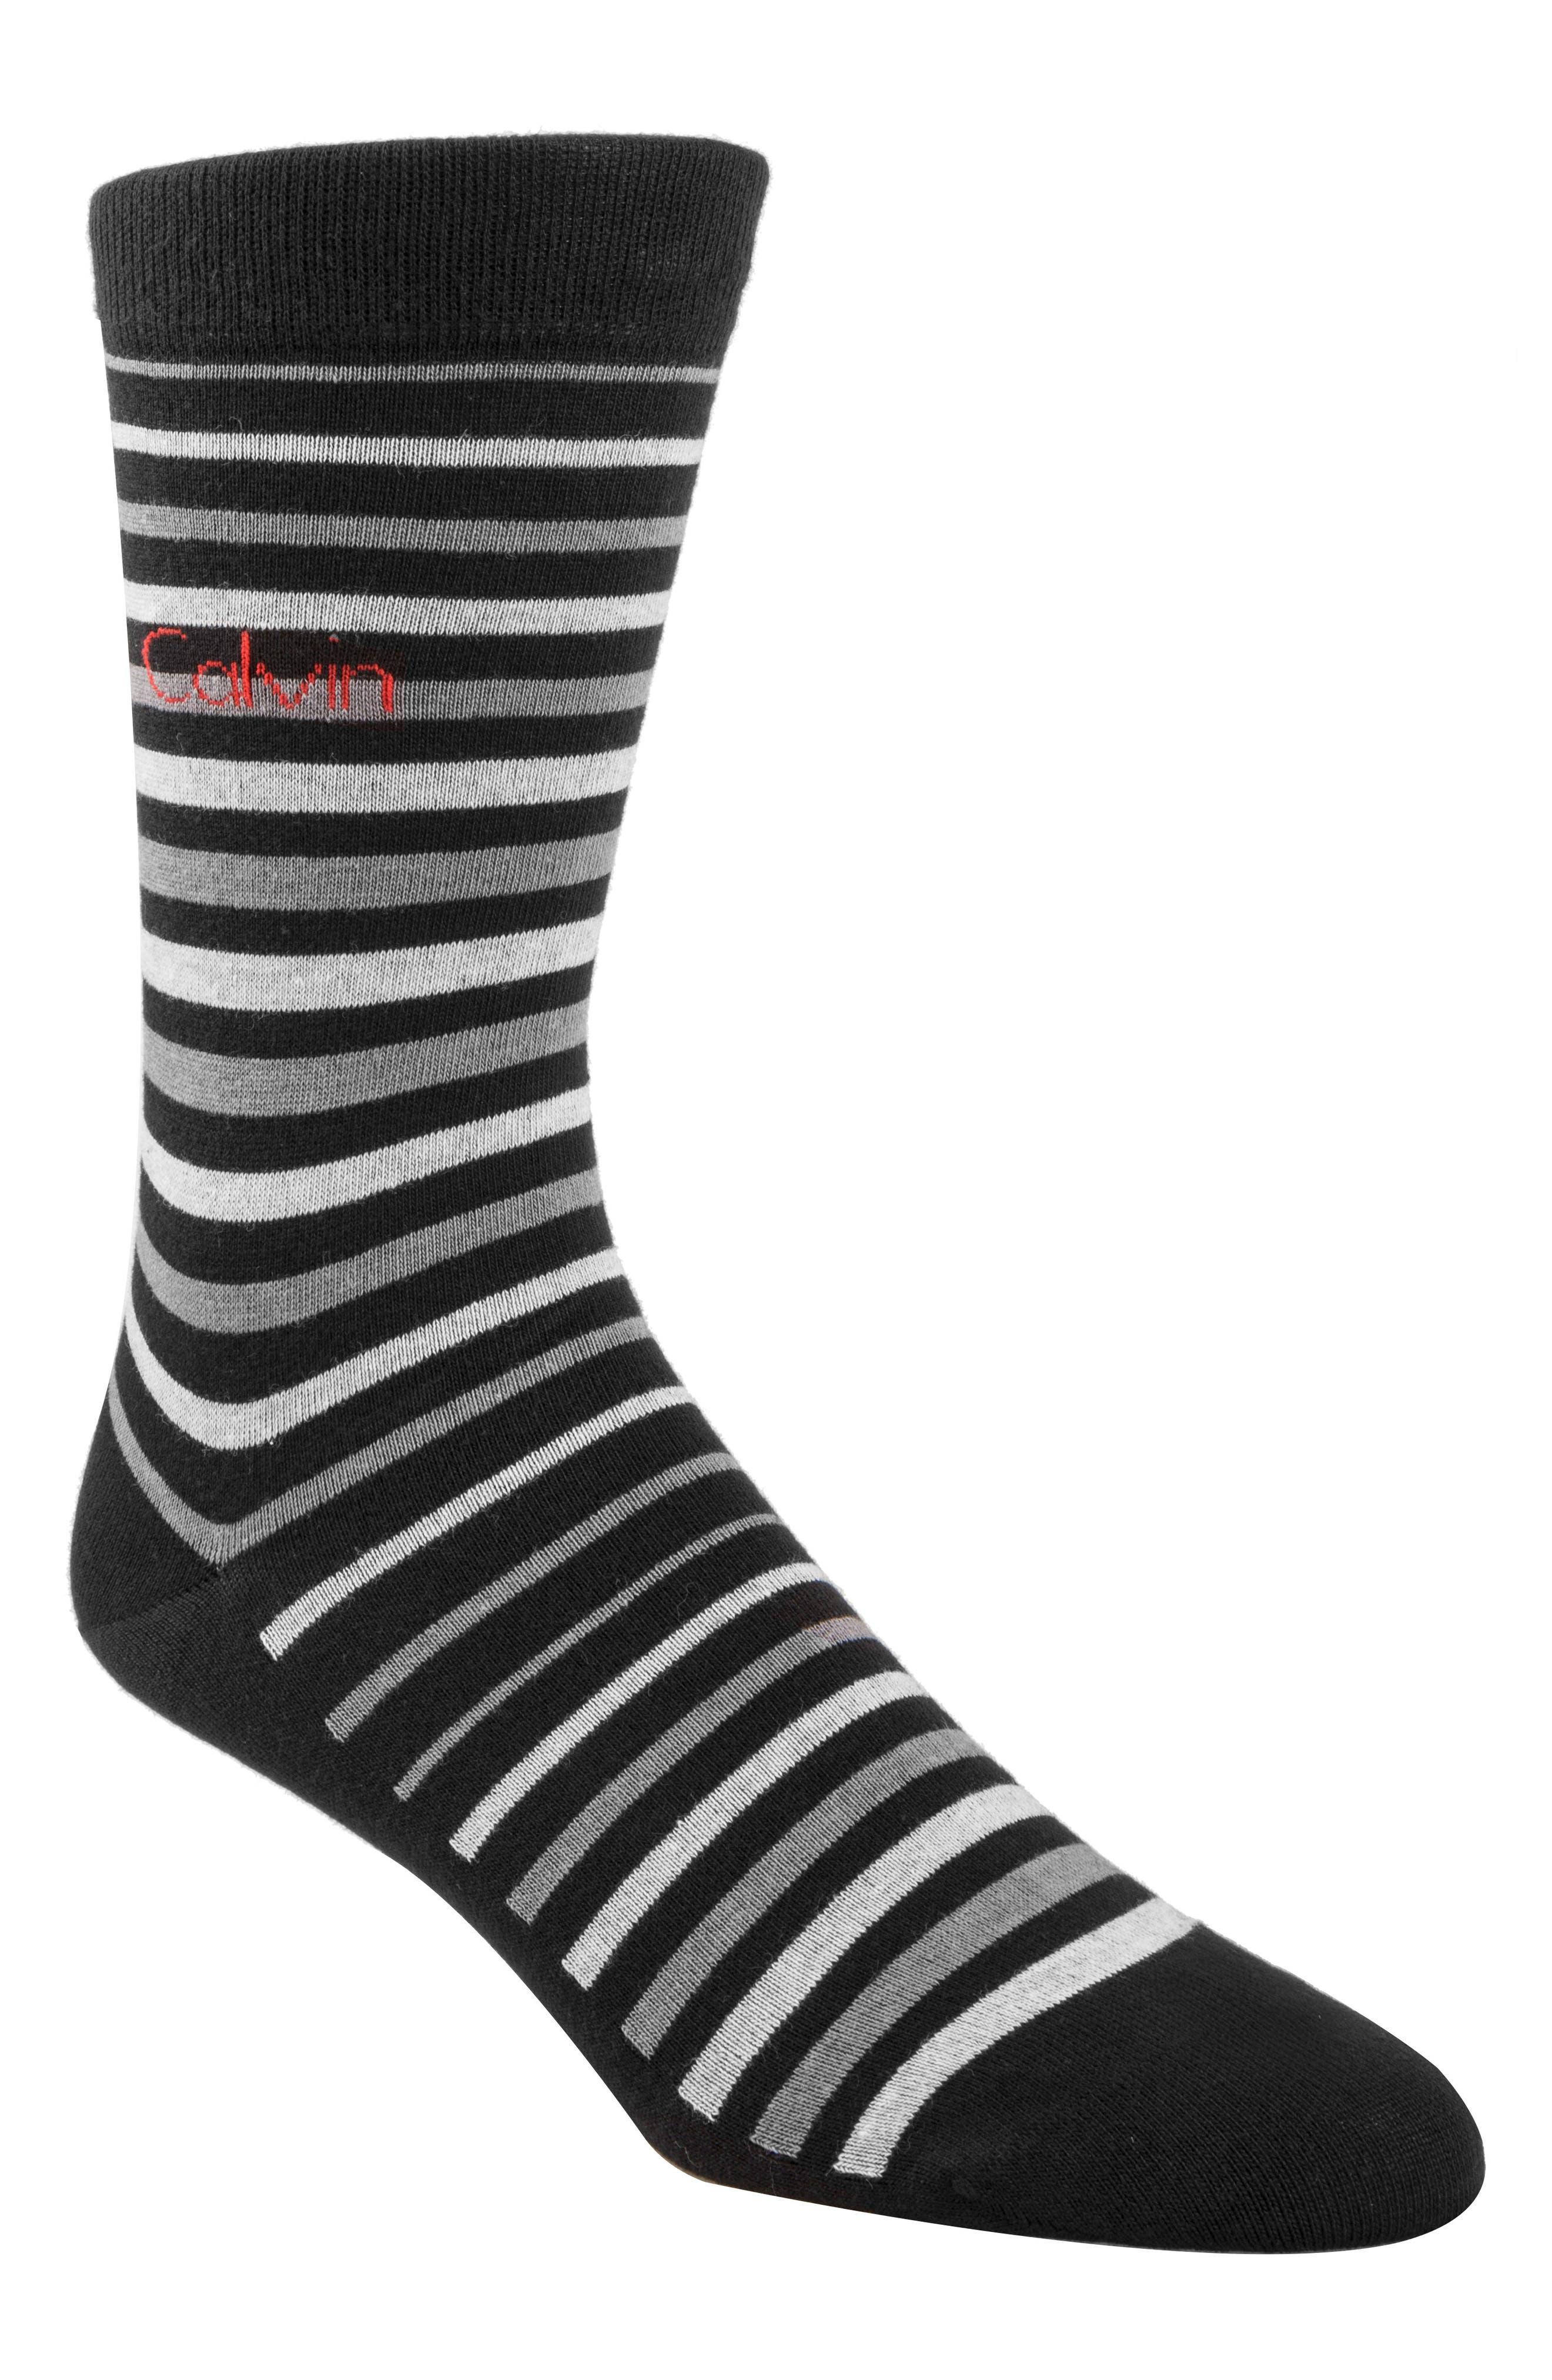 Stripe Socks,                         Main,                         color, Black